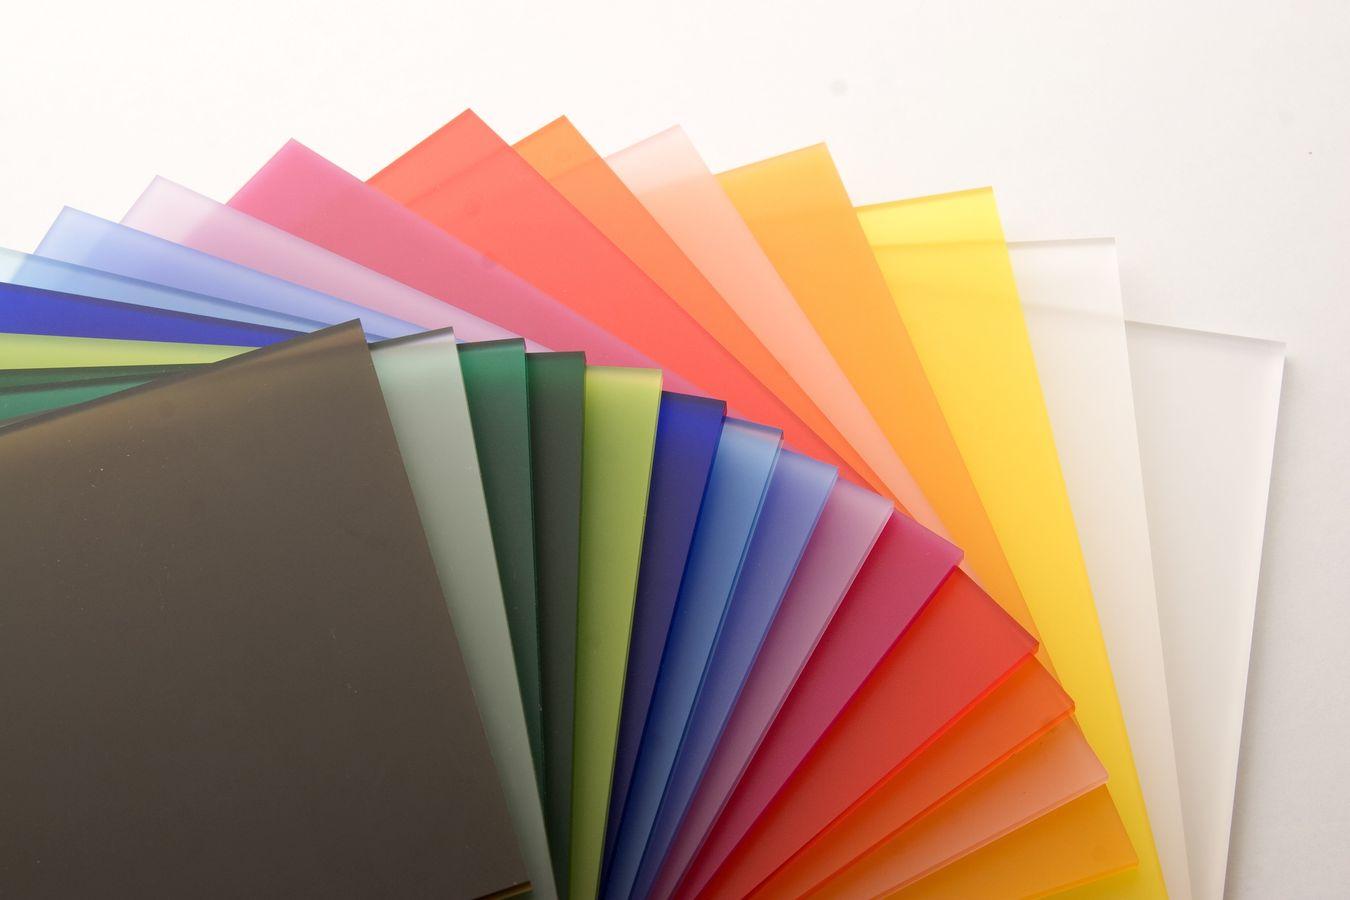 Phân biệt gỗ Acrylic, Laminate, Melamine và ưu nhược điểm từng loại